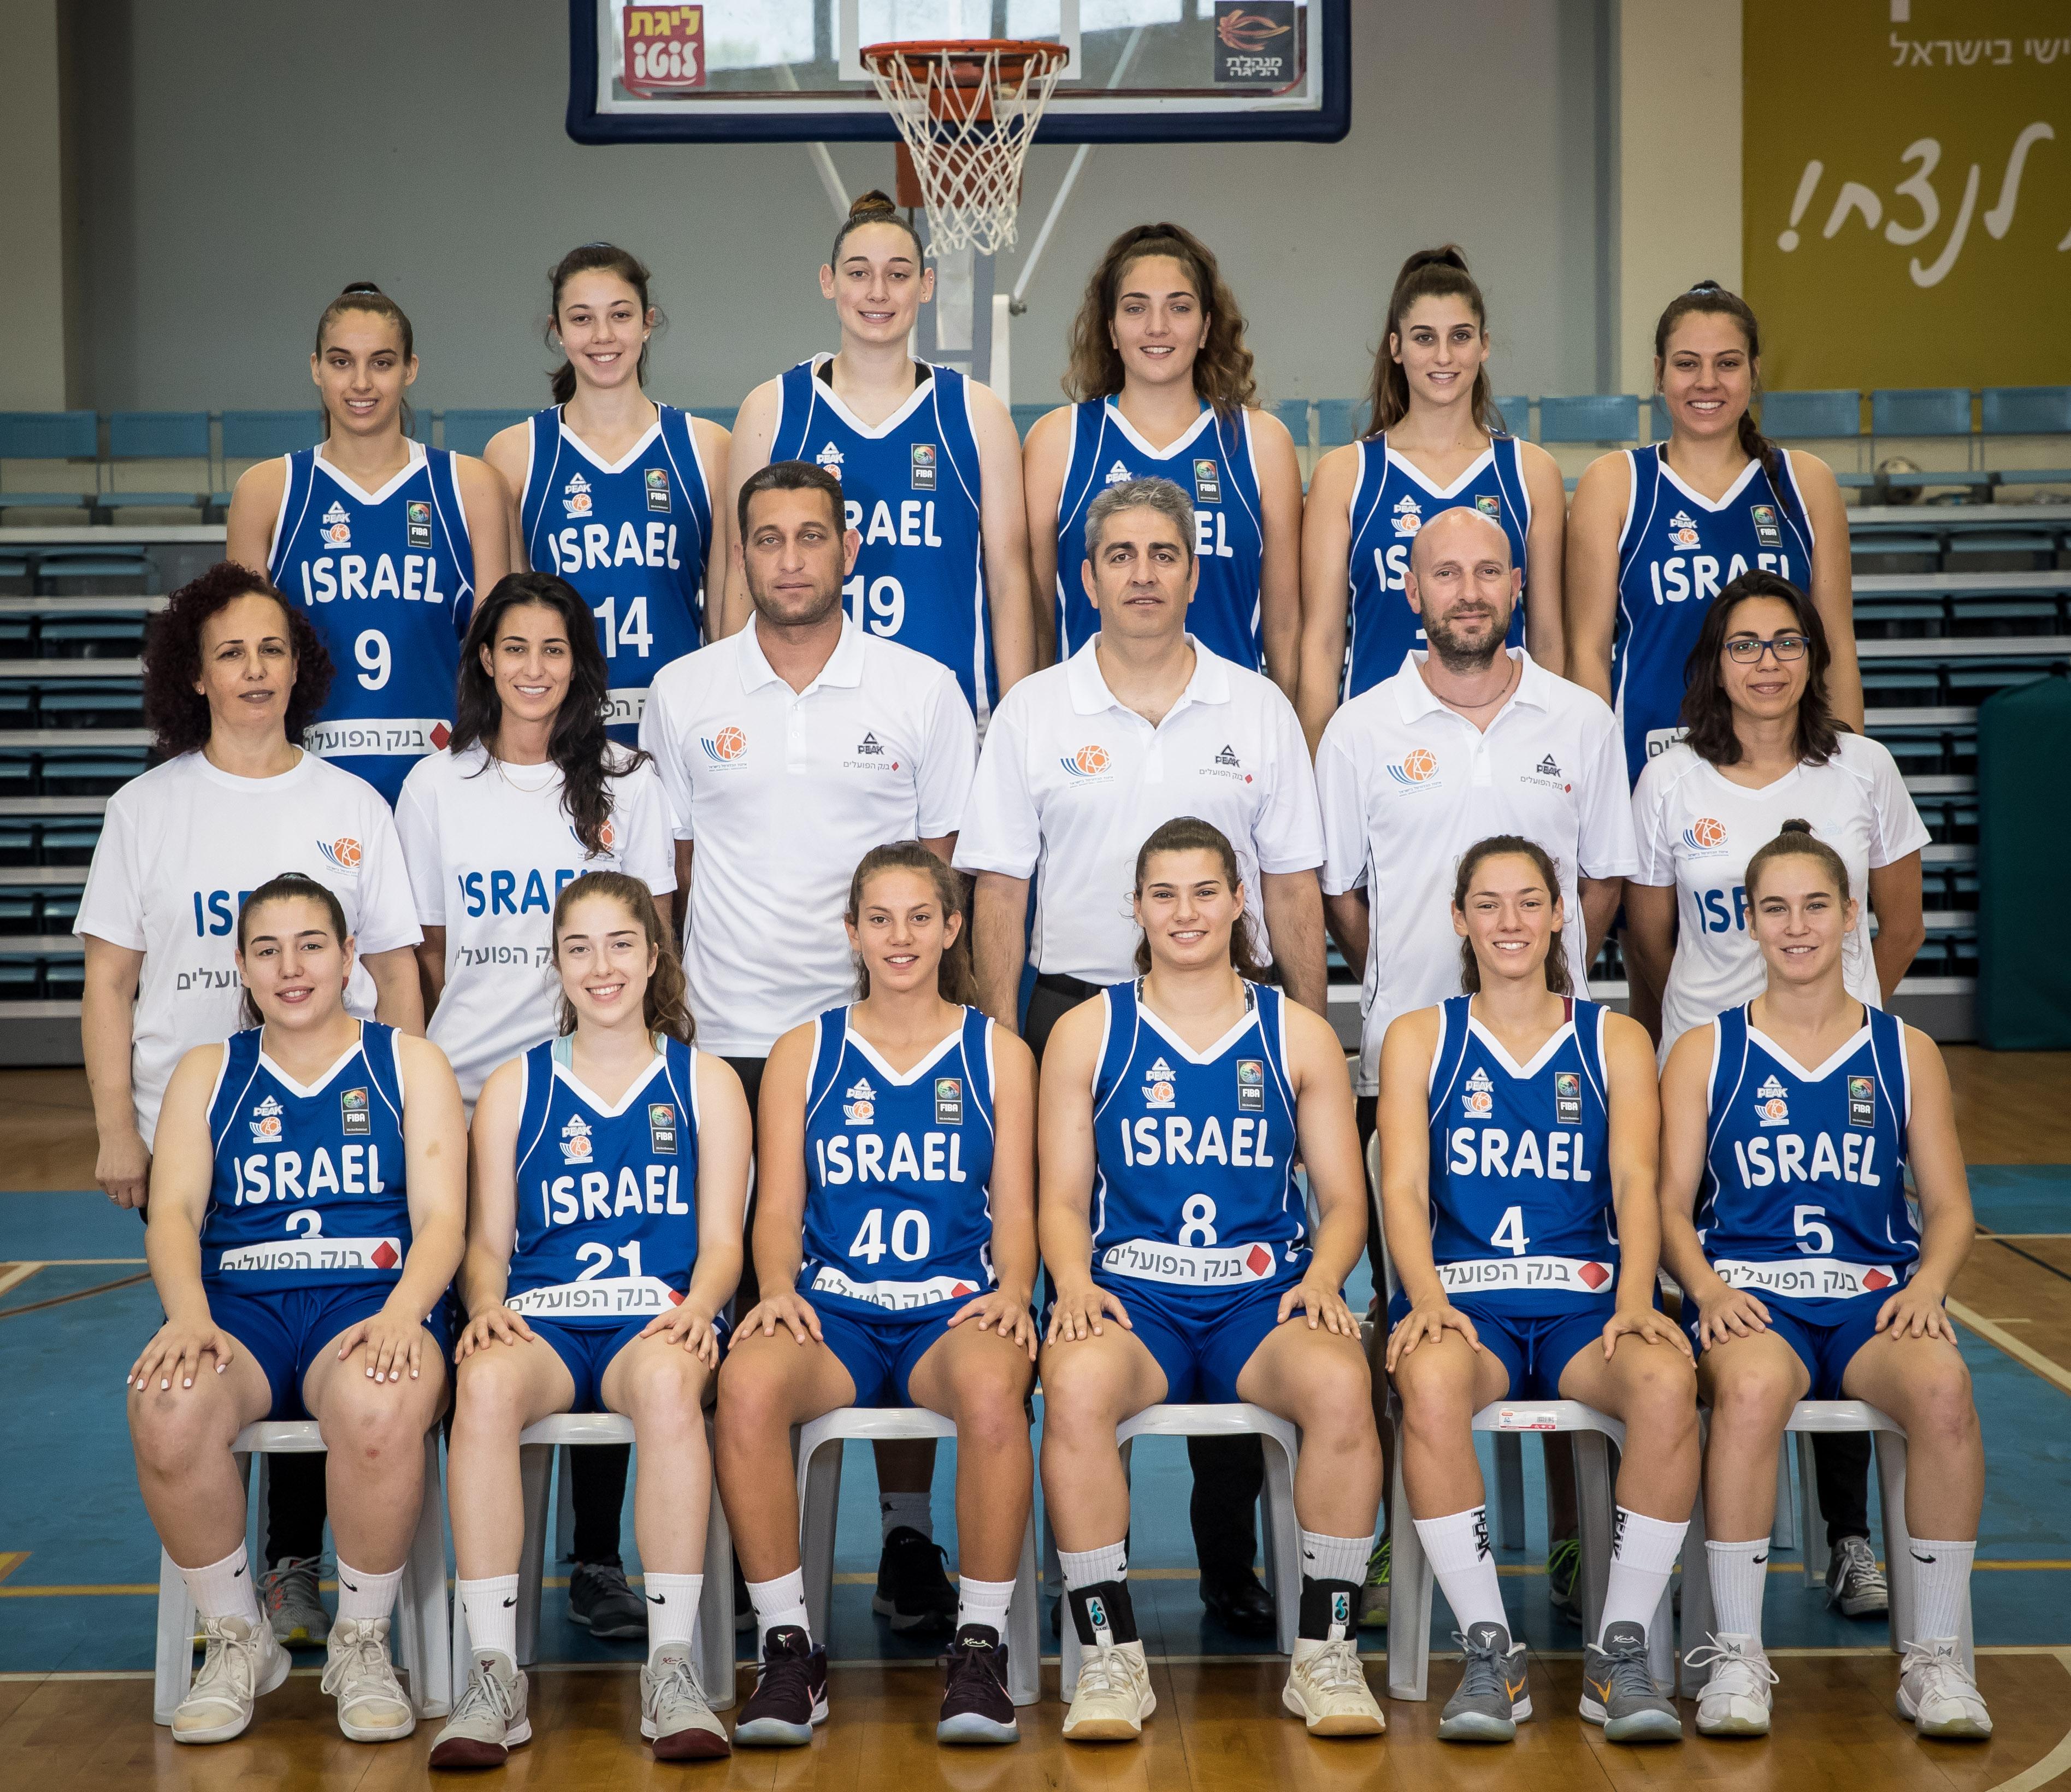 עתודה נשים לאליפות אירופה. רבי: רוצים לנצח את הטורניר